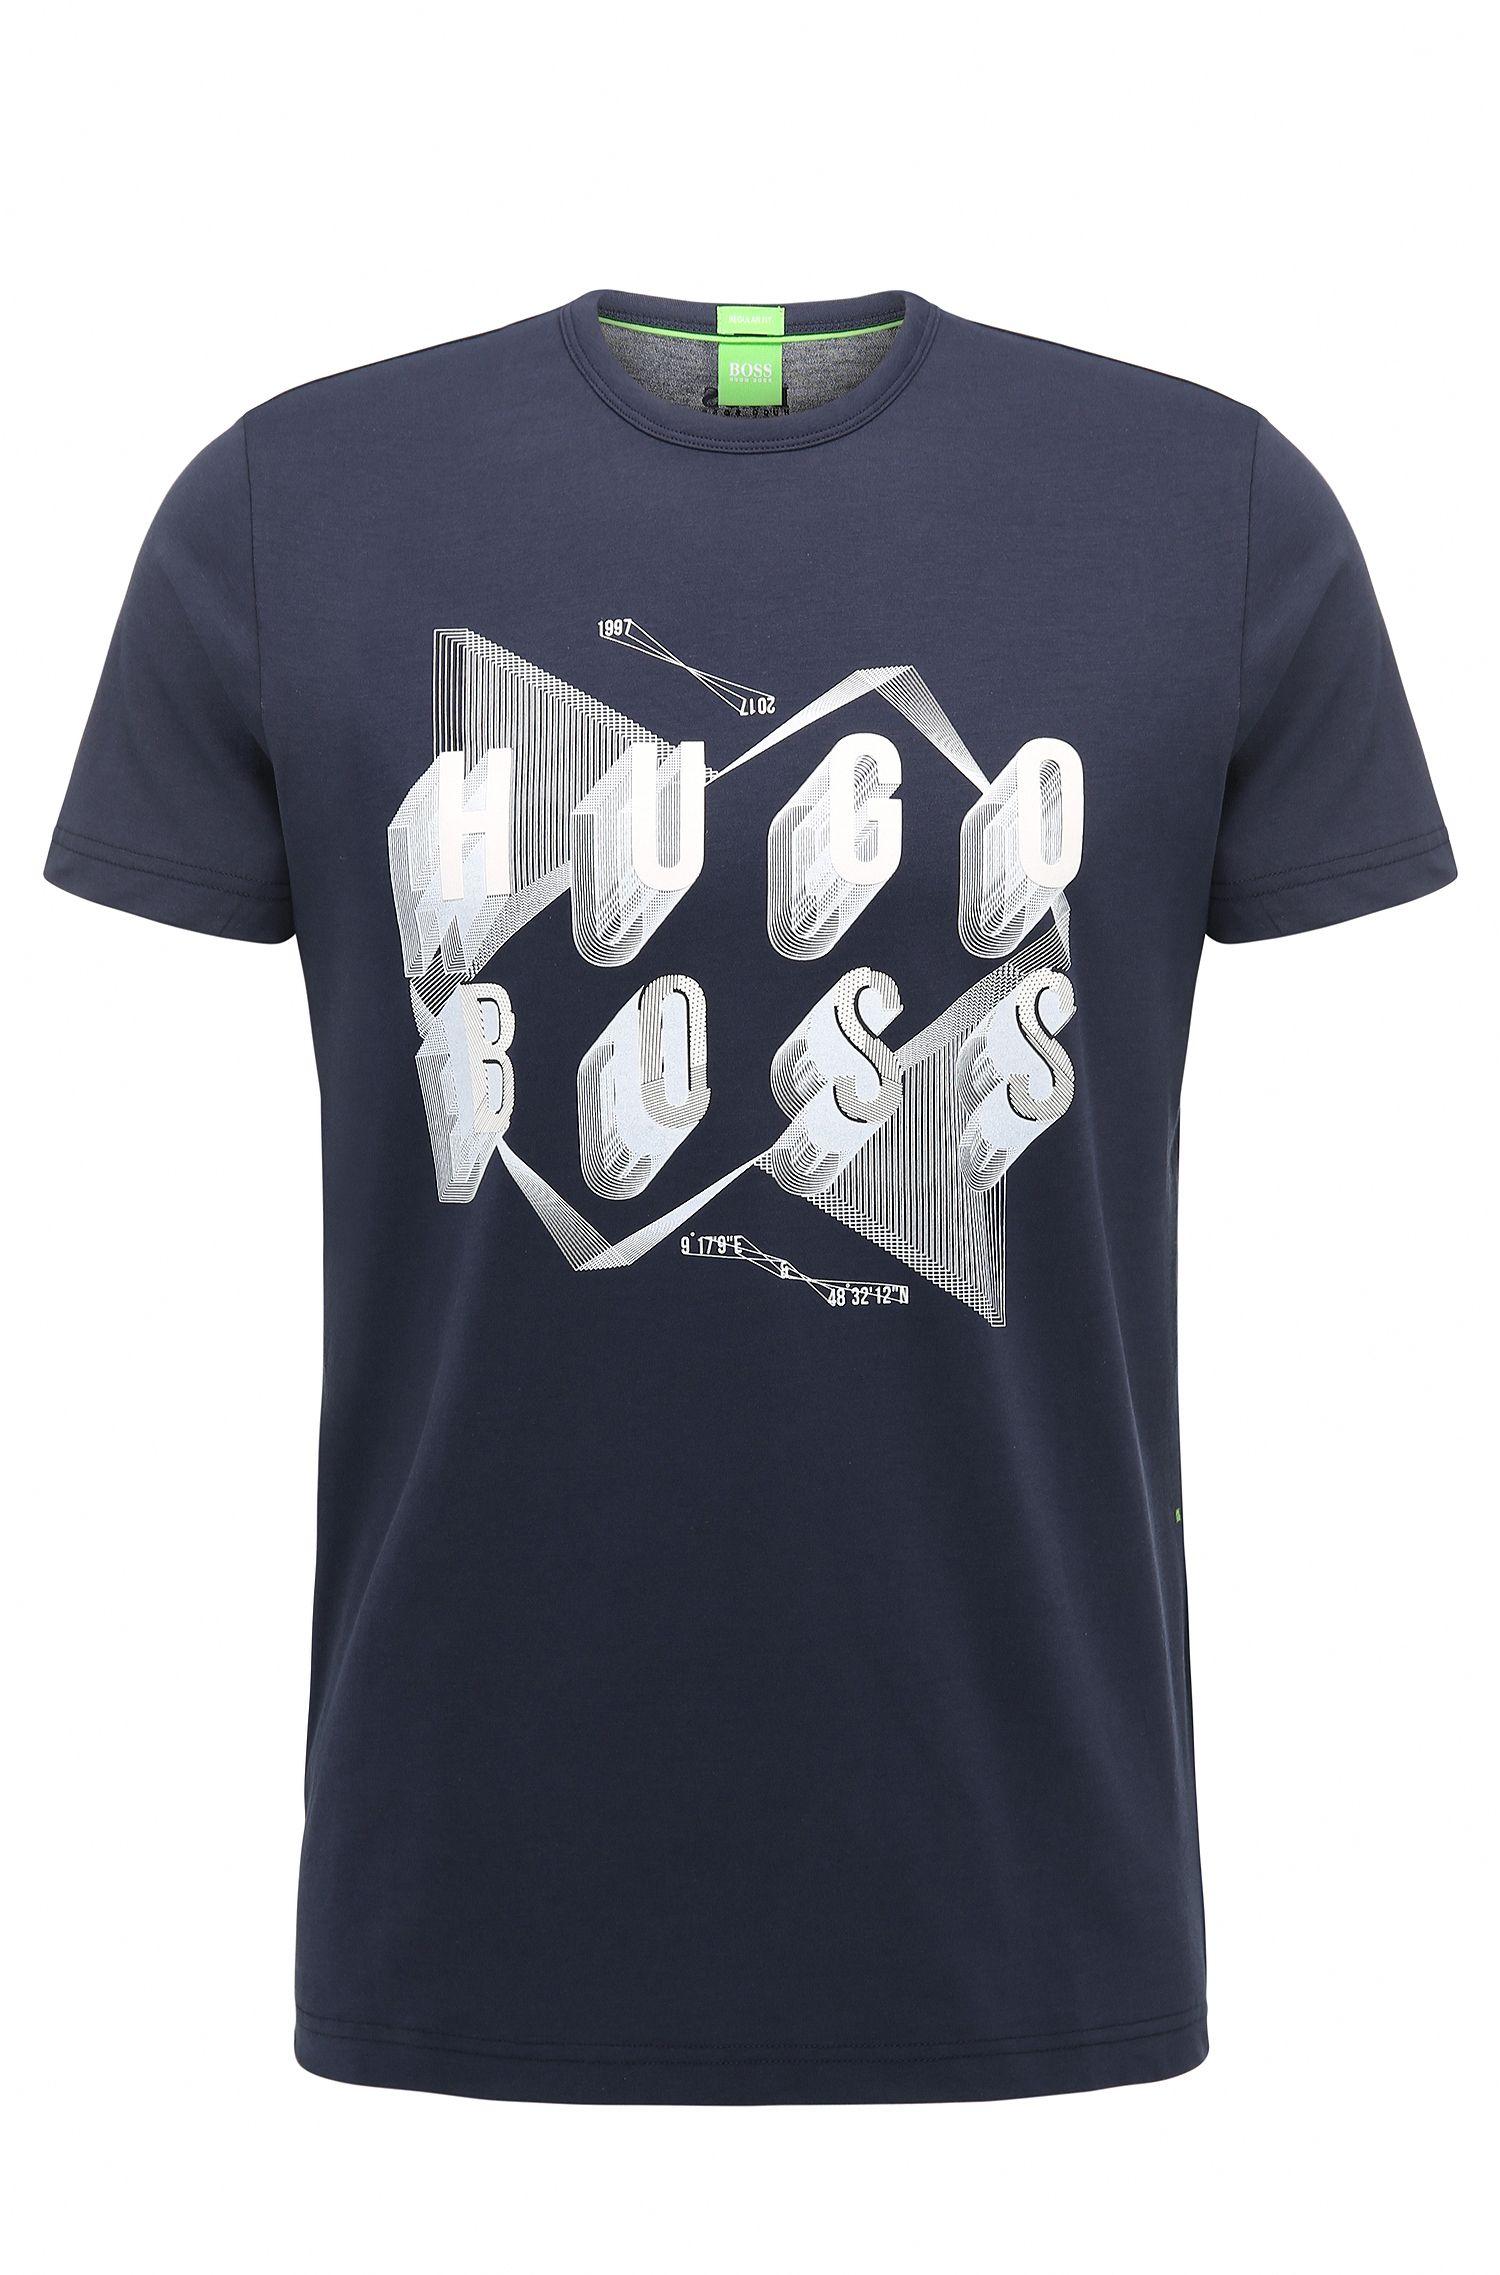 Cotton Graphic T-Shirt | Teeos, Dark Blue